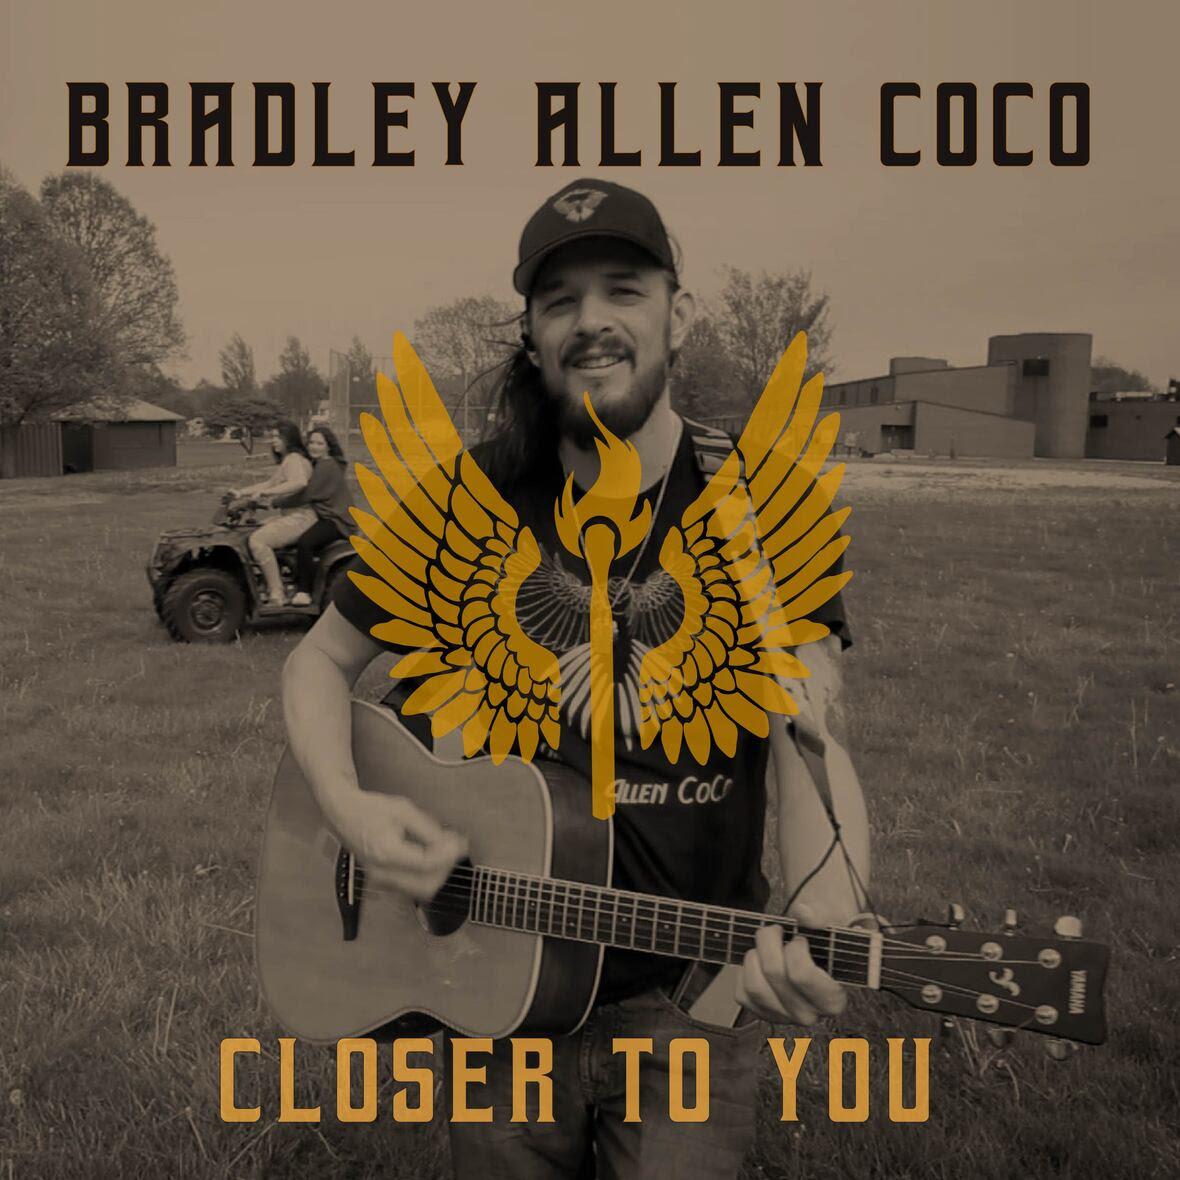 closer-to-you-album-art-50